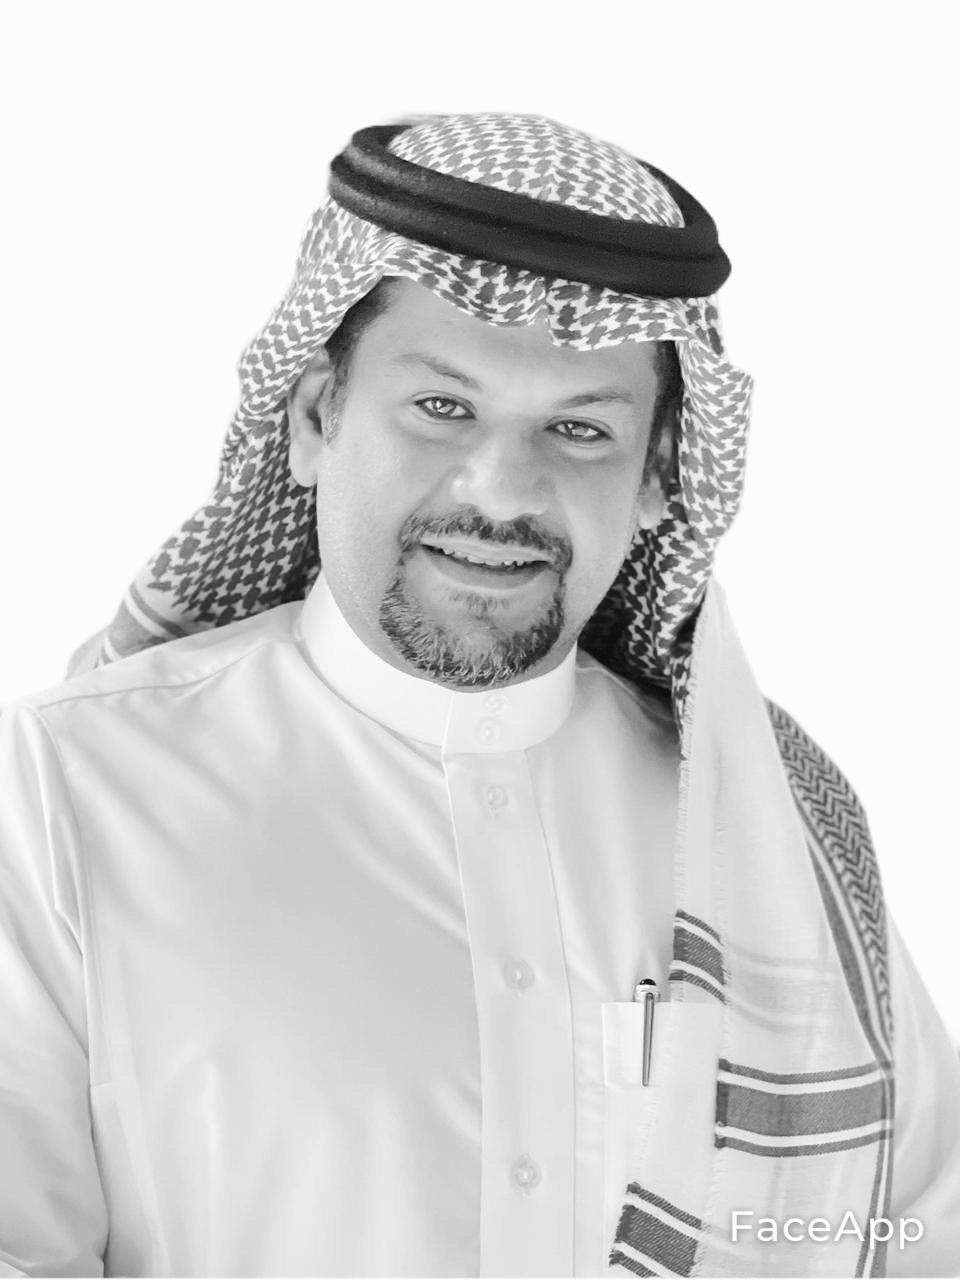 Mansour Hamad Al-Shuaibi